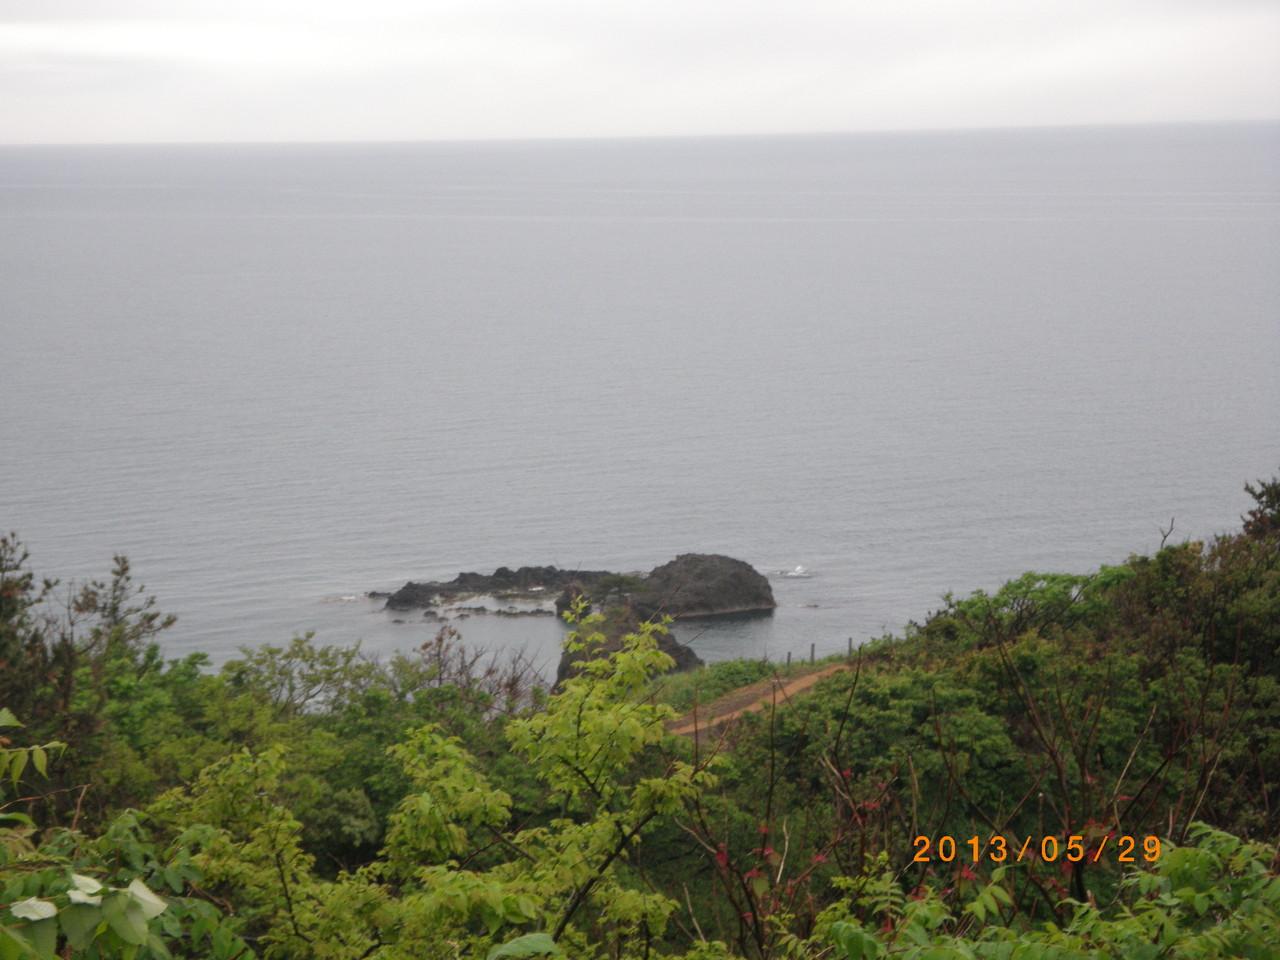 日本海 水平線 恋人岬  ここから 拉致された蓮池さん